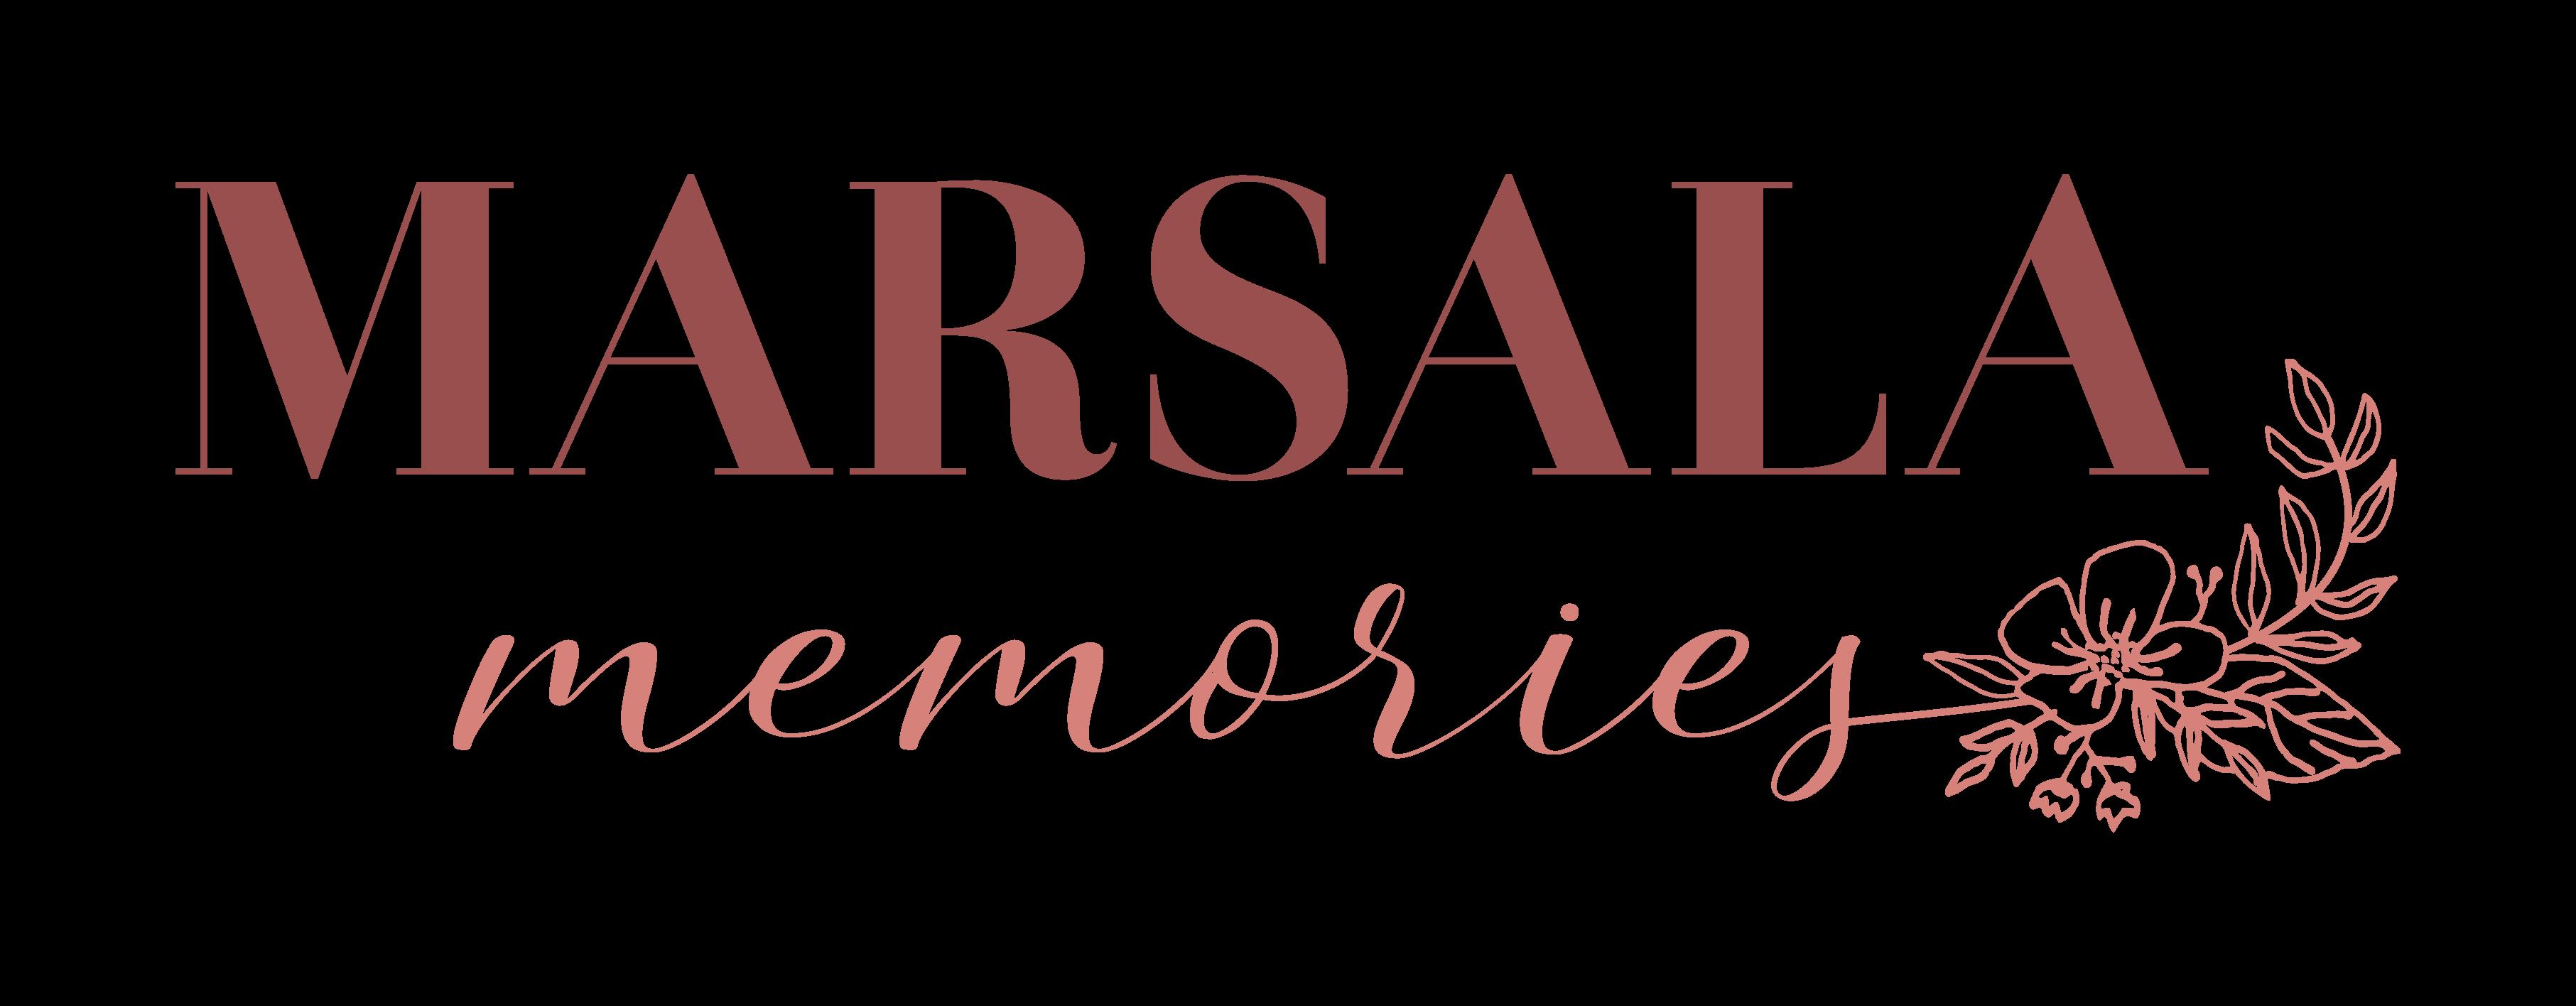 Sobre Fotografia e Filmes de Casamento Maringá - PR | Marsala Films & Photography